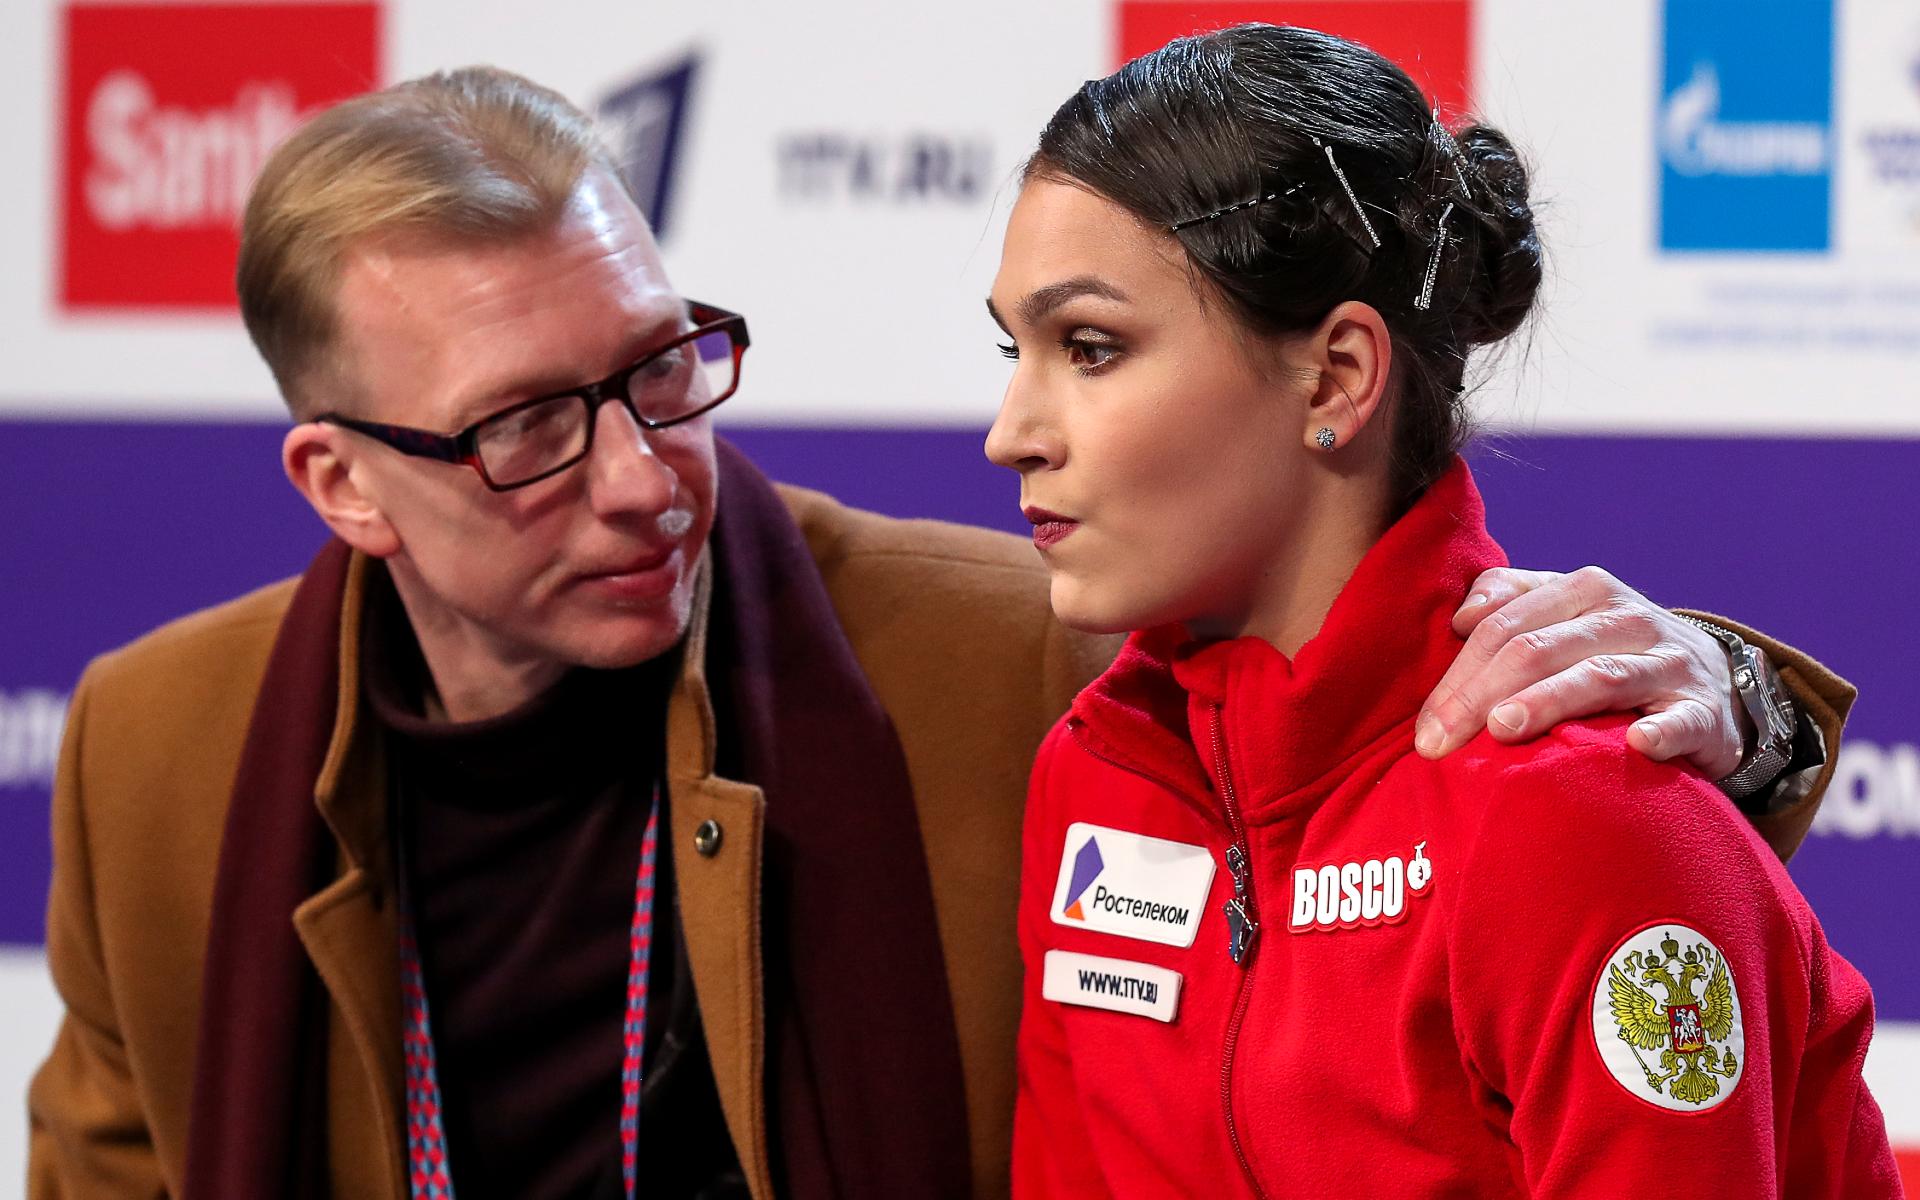 тренер Александр Волков и спортсменка Станислава Константинова